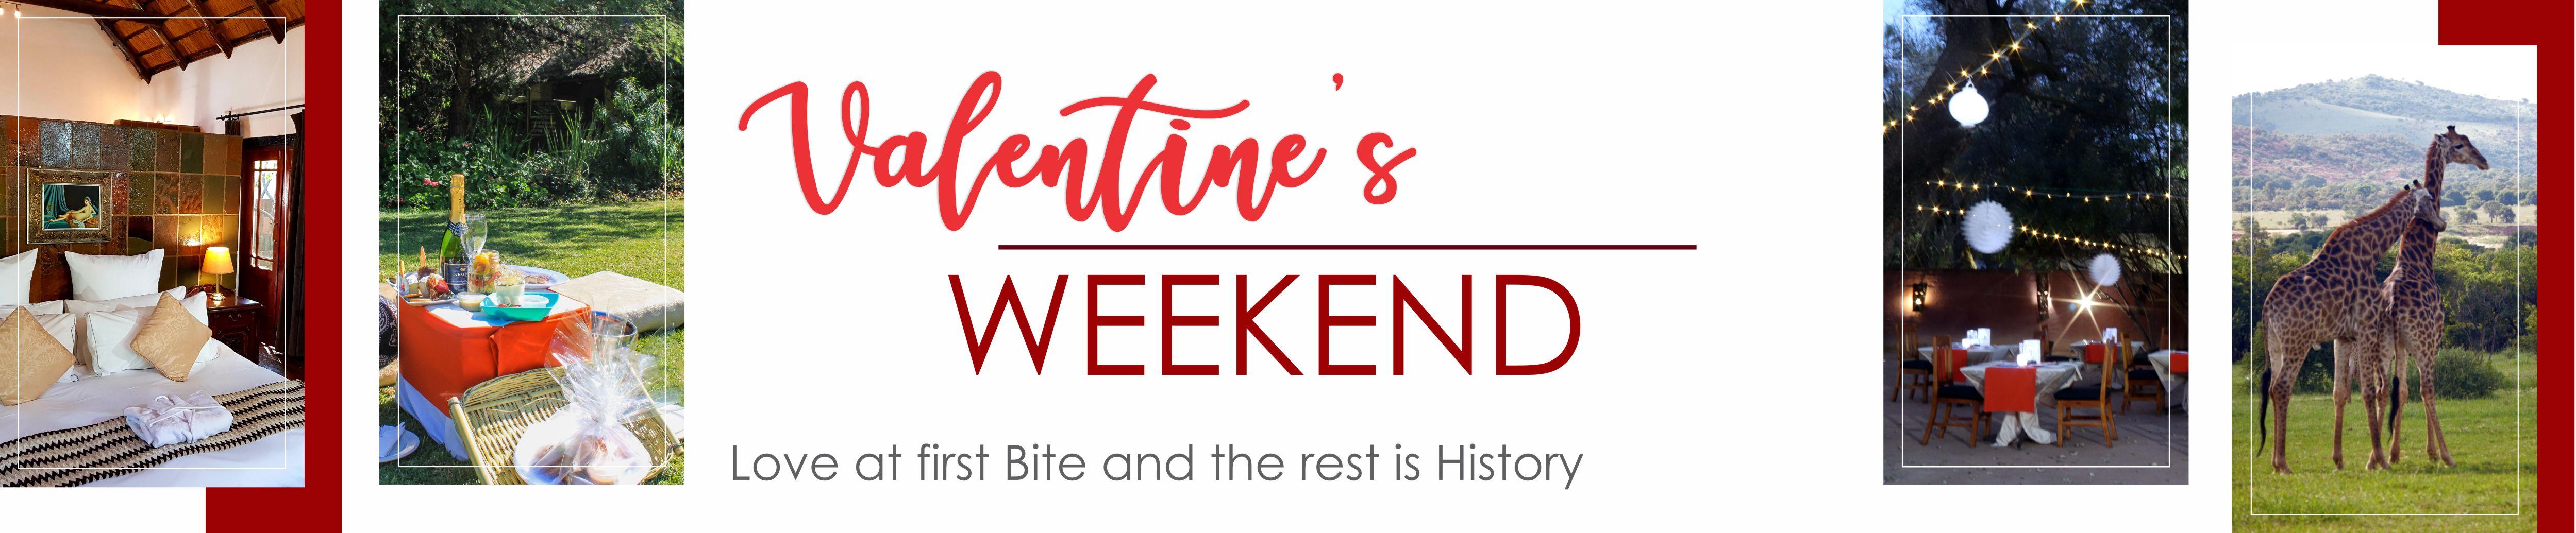 Kedar Valentines Day Specials 2021